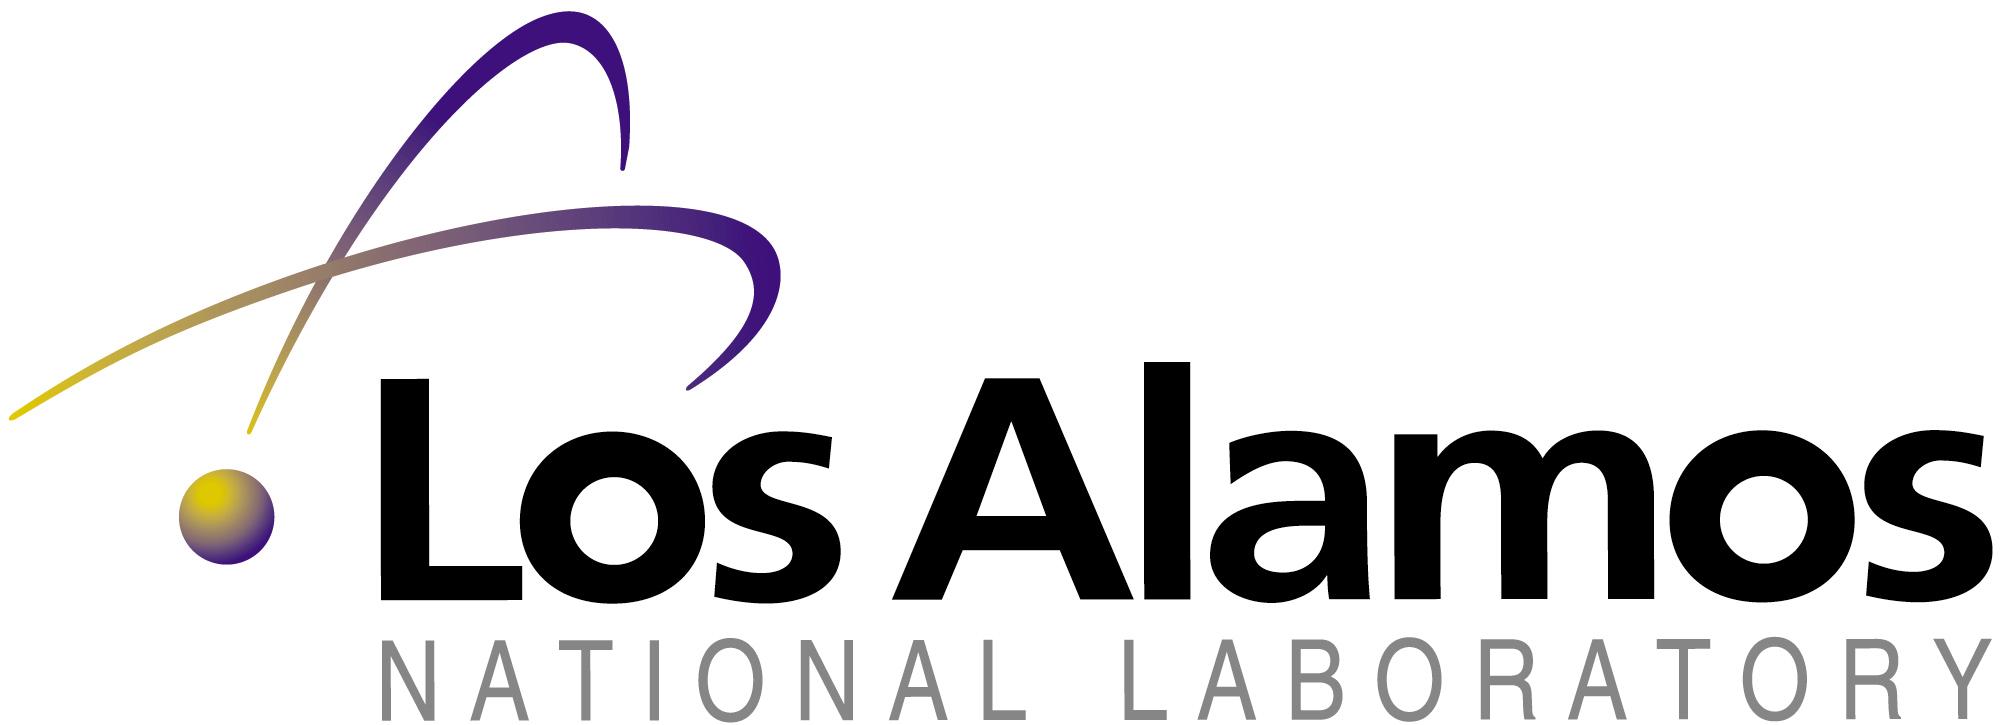 Los Alamos Isotopes